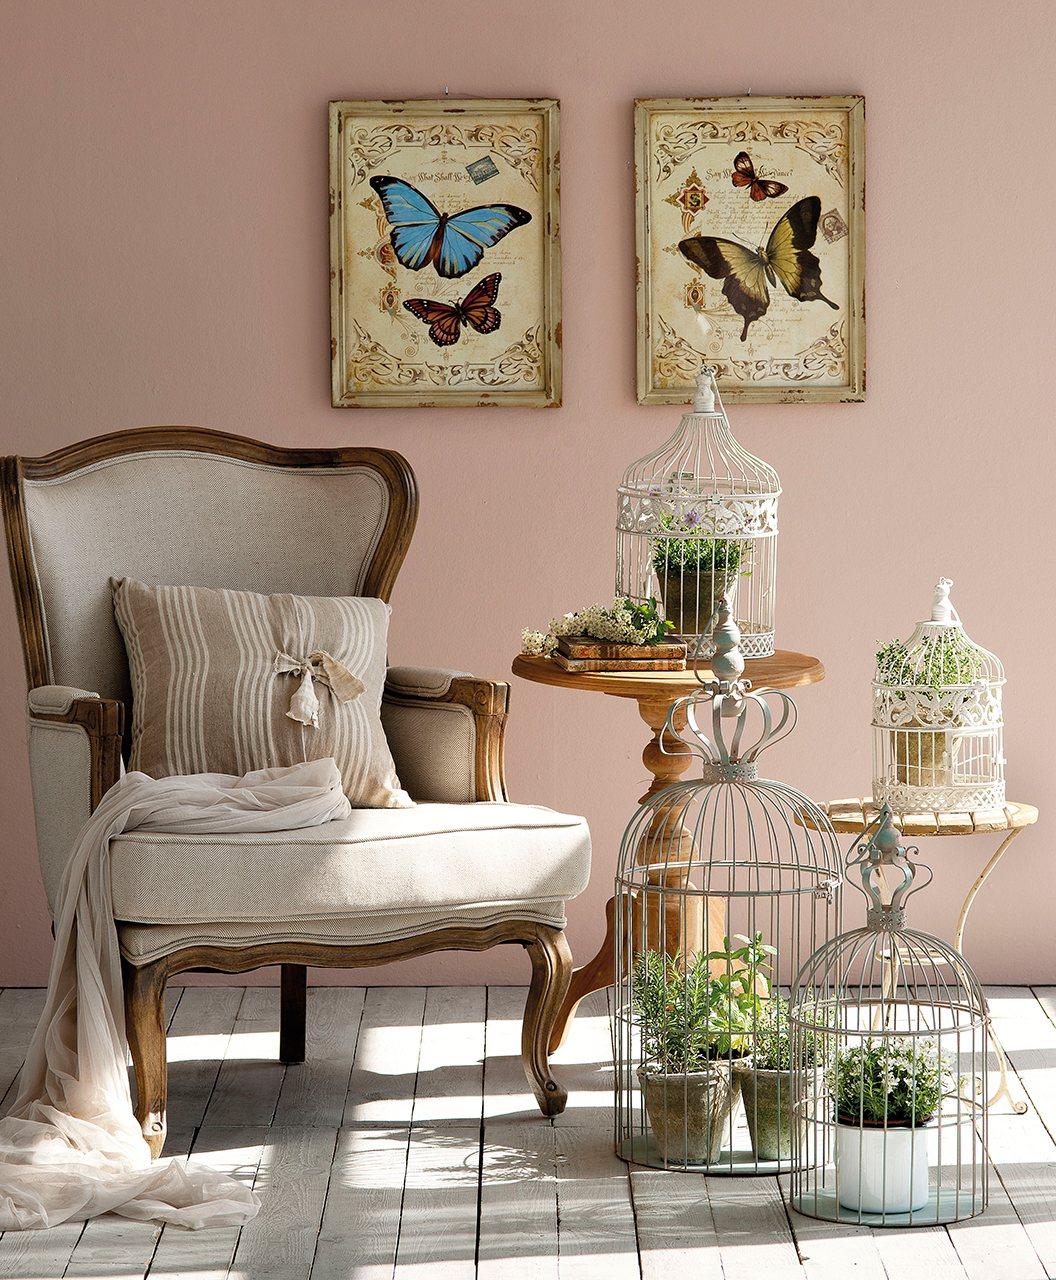 Da una segunda vida a los objetos y personaliza la decoraci n - Decoracion interiores vintage ...